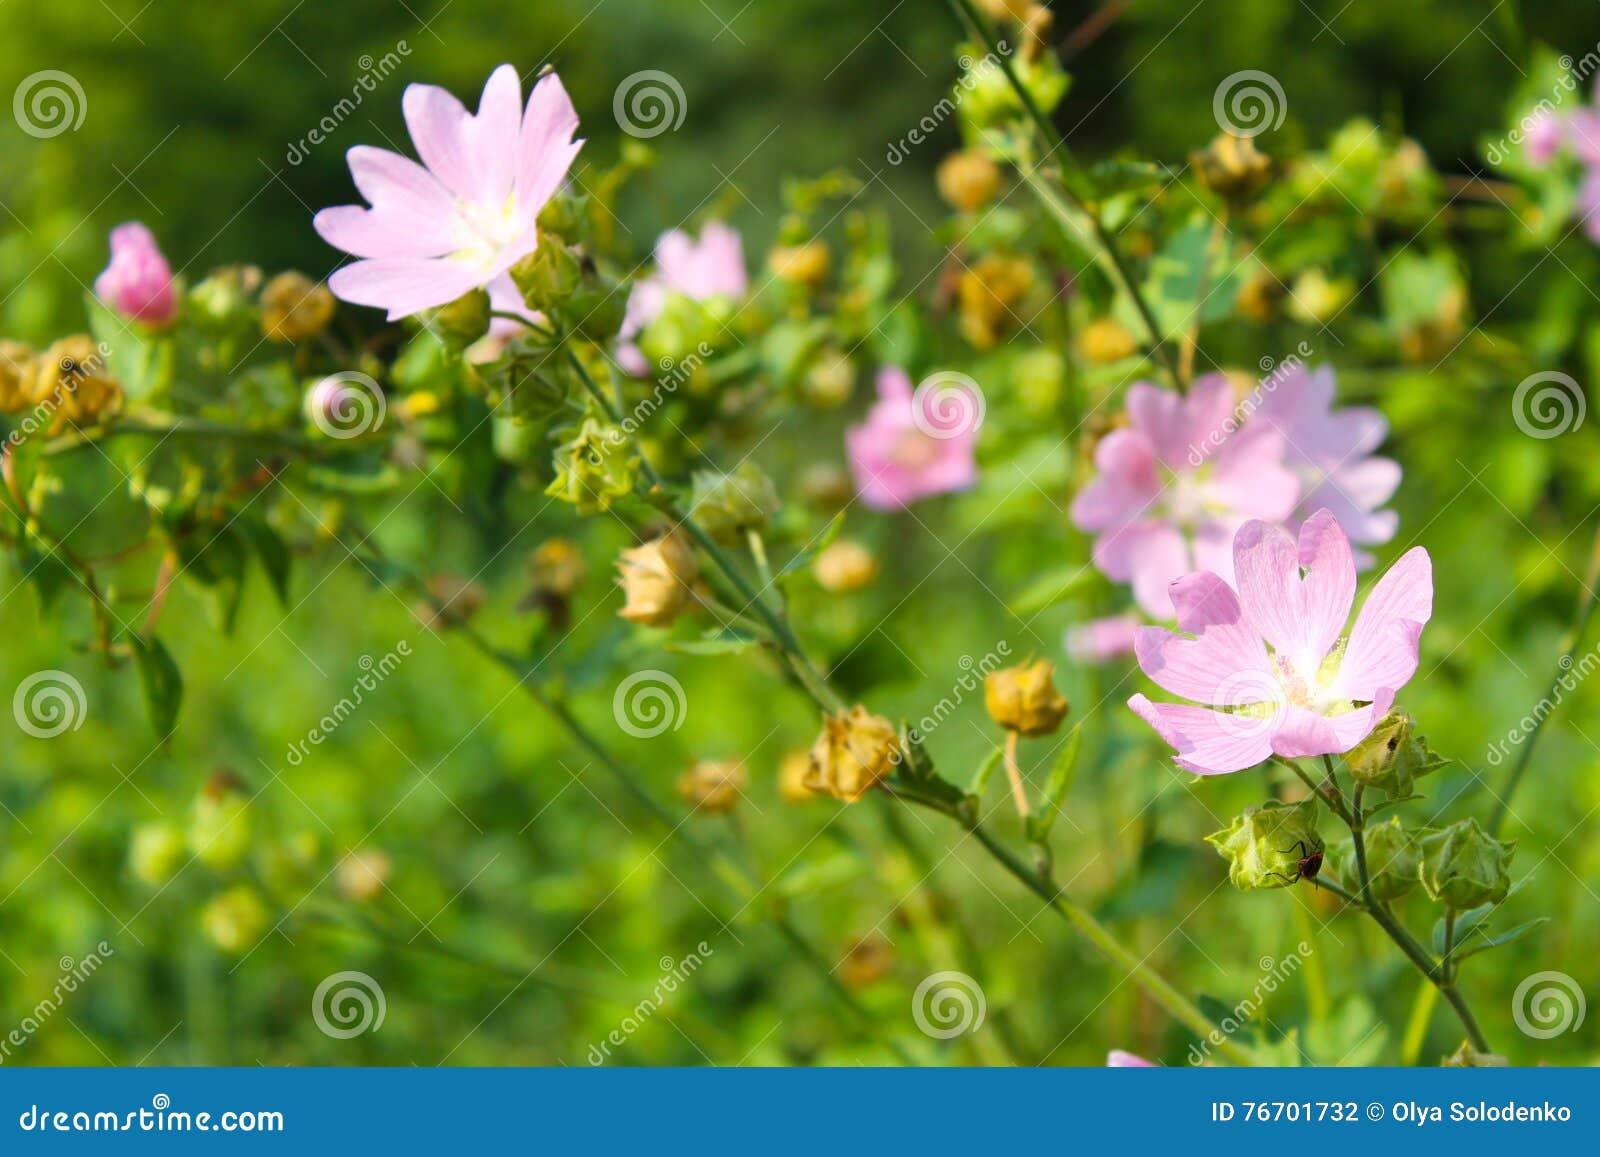 Malve des wilden Rosas